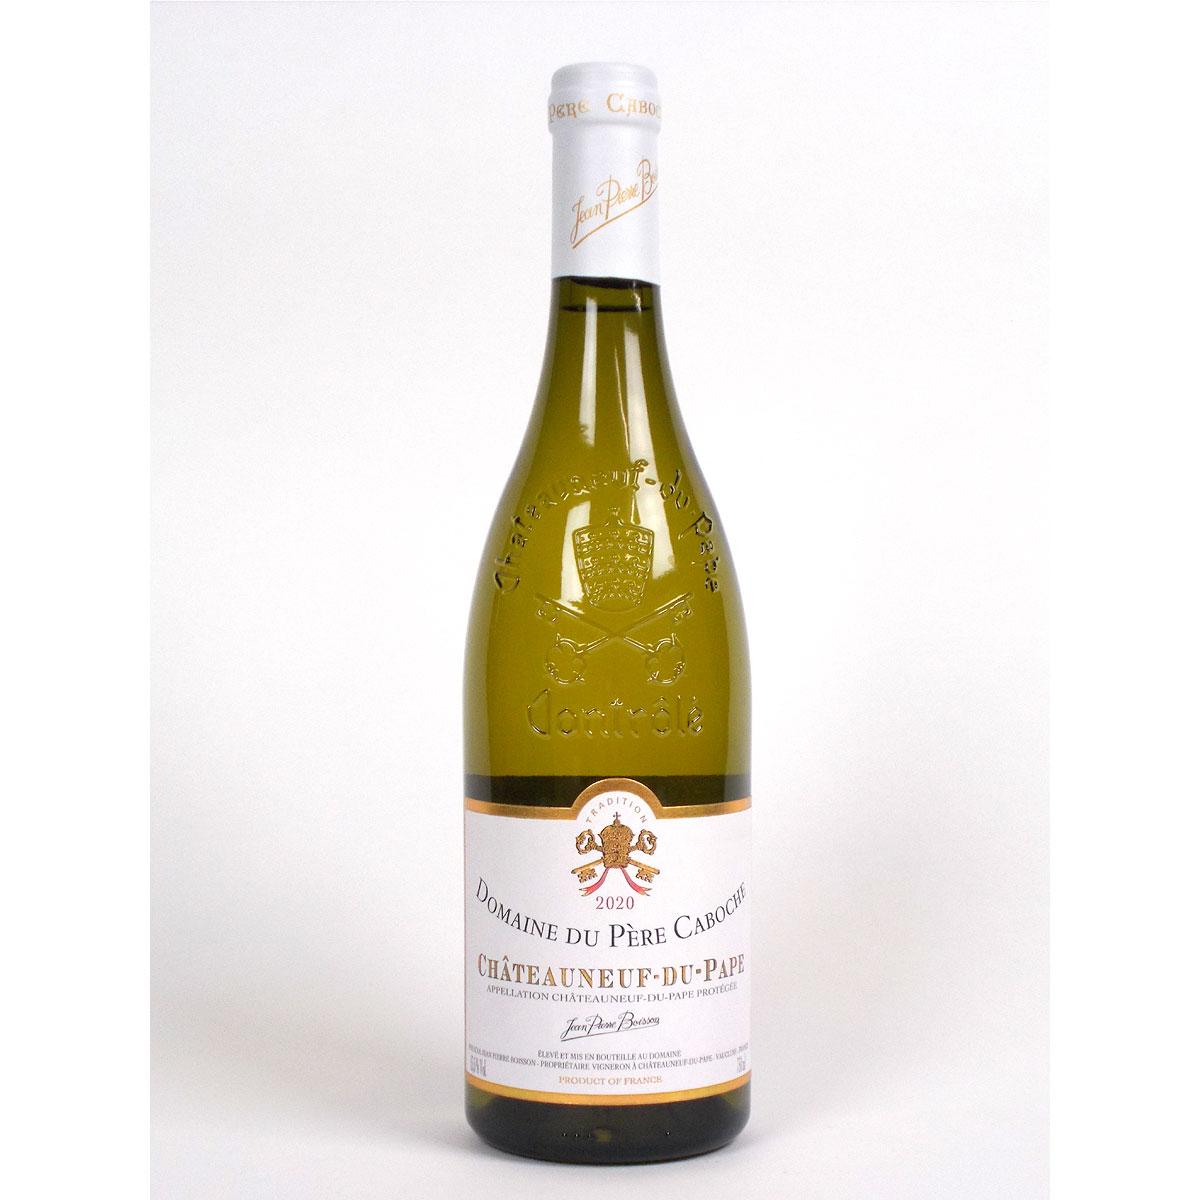 Châteauneuf du Pape: Domaine du Père Caboche Blanc 2020 - Bottle